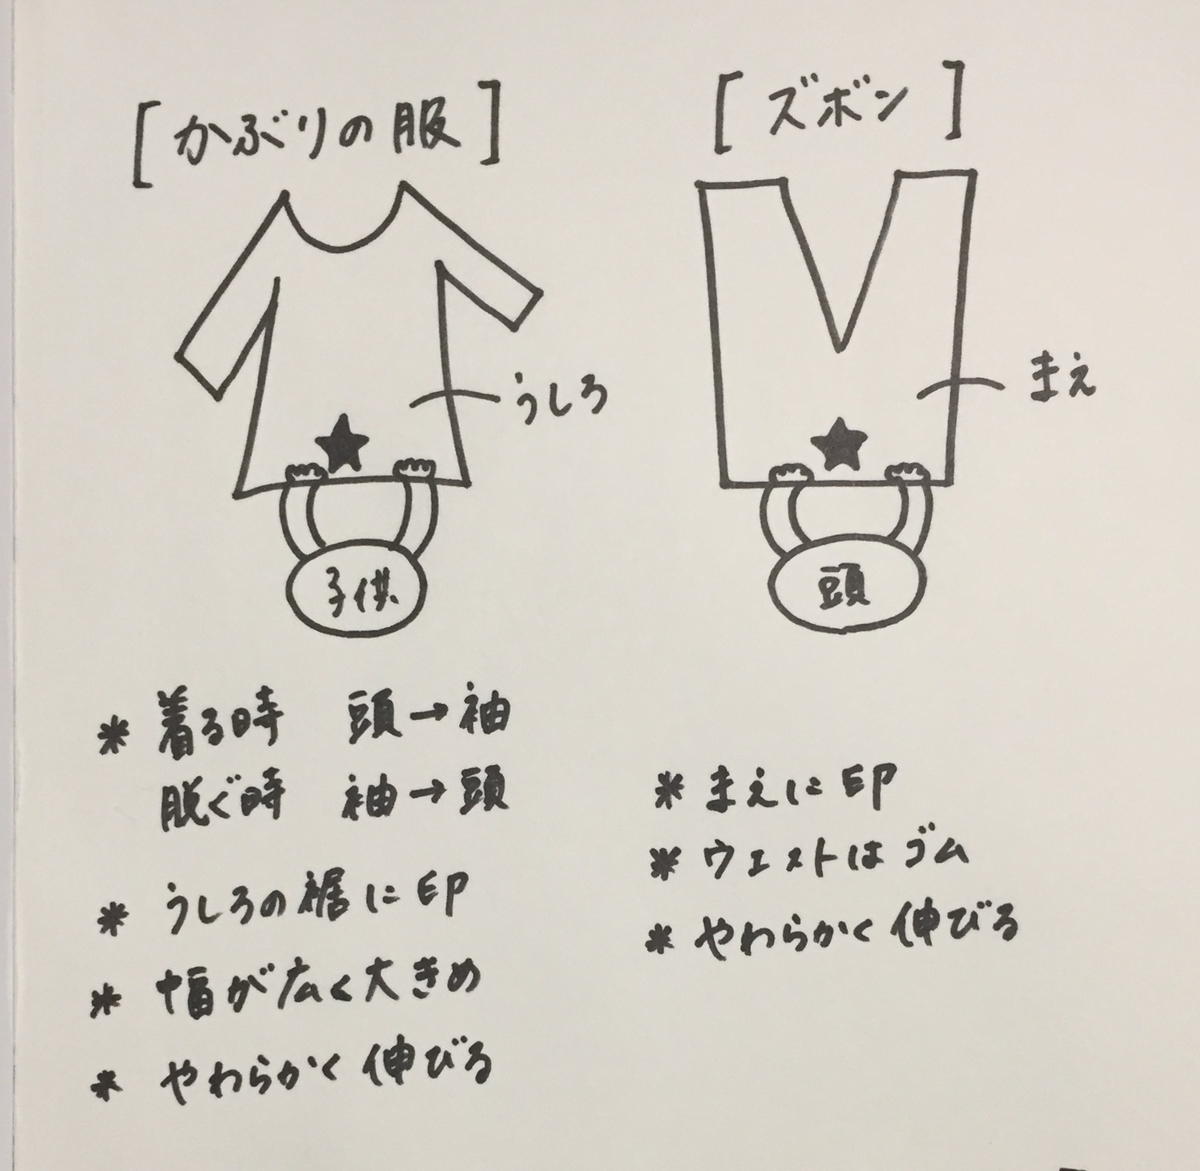 f:id:kateijyuku:20201121125541j:plain